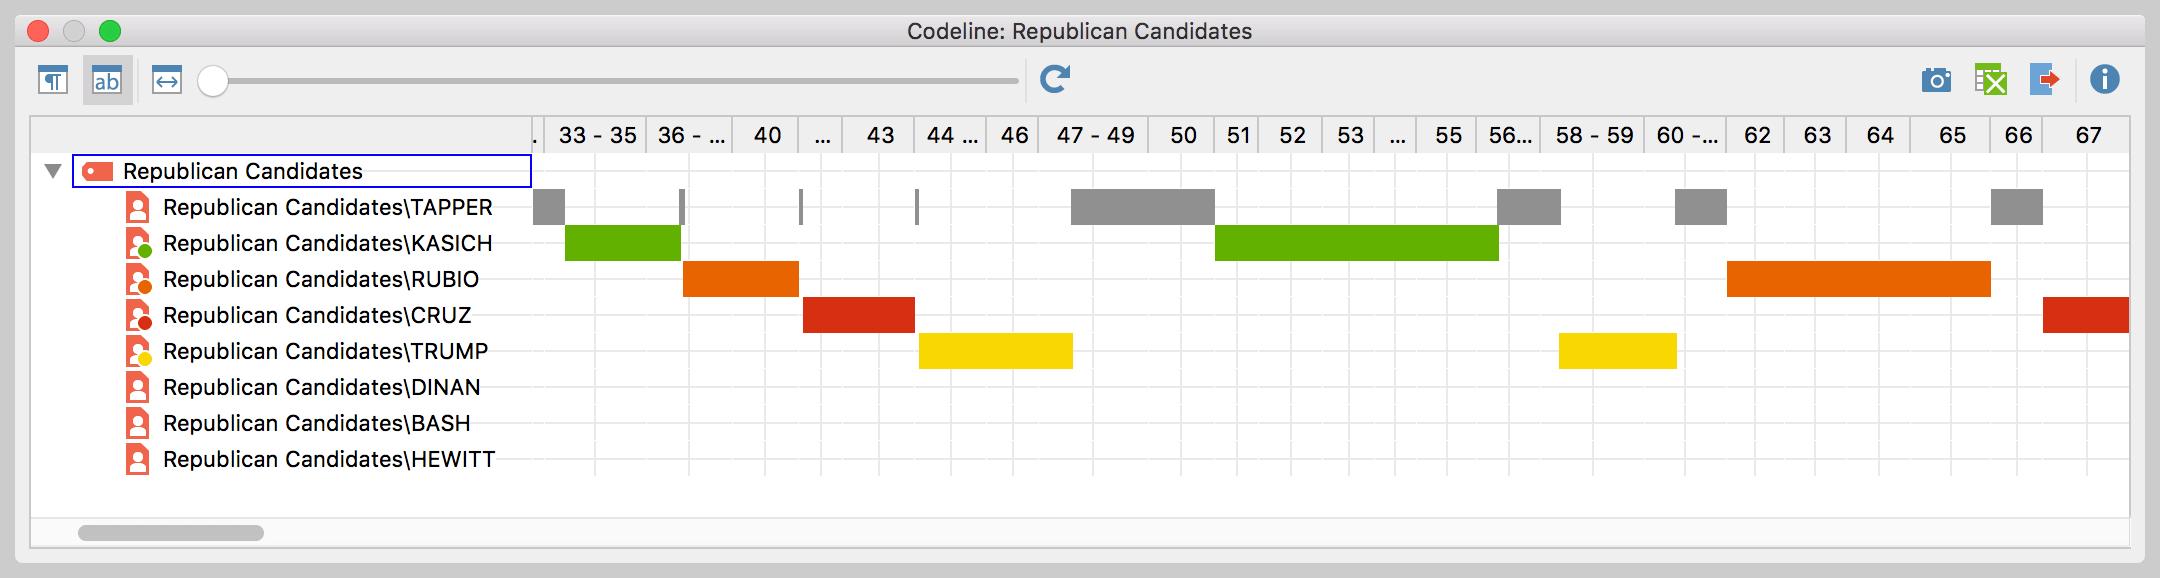 codeline_republicans